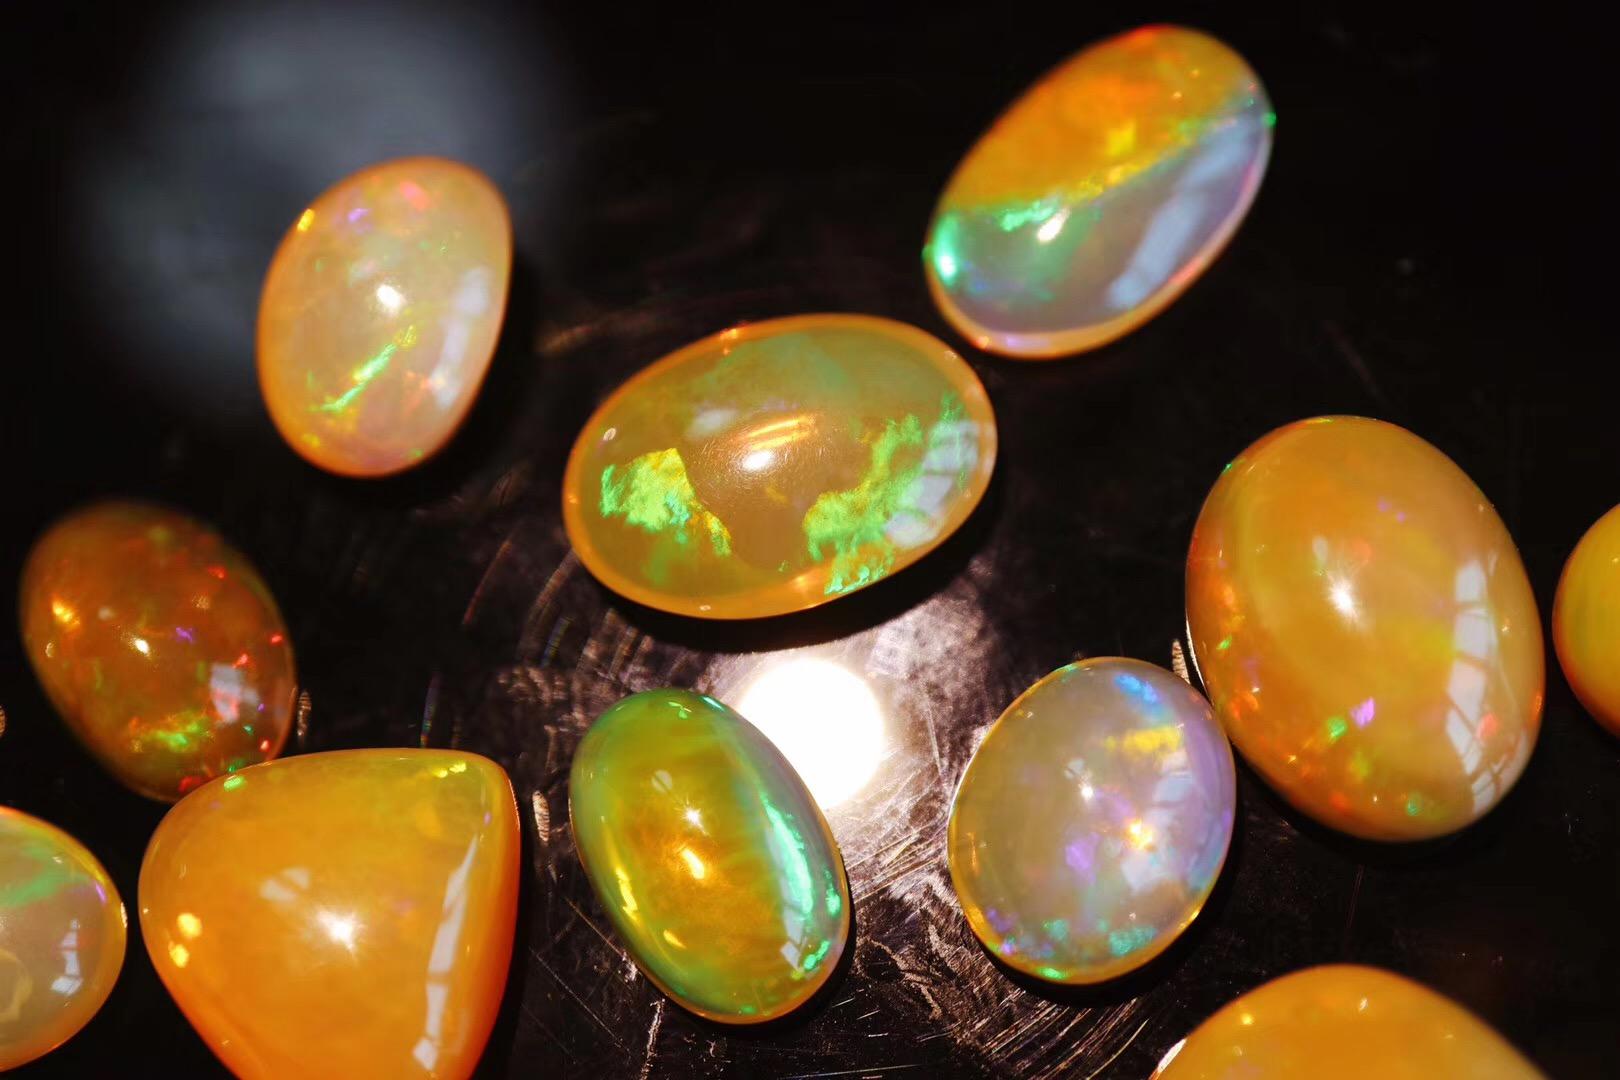 【菩心-欧泊石】深色系的欧泊石(代表希望和安乐)-菩心晶舍